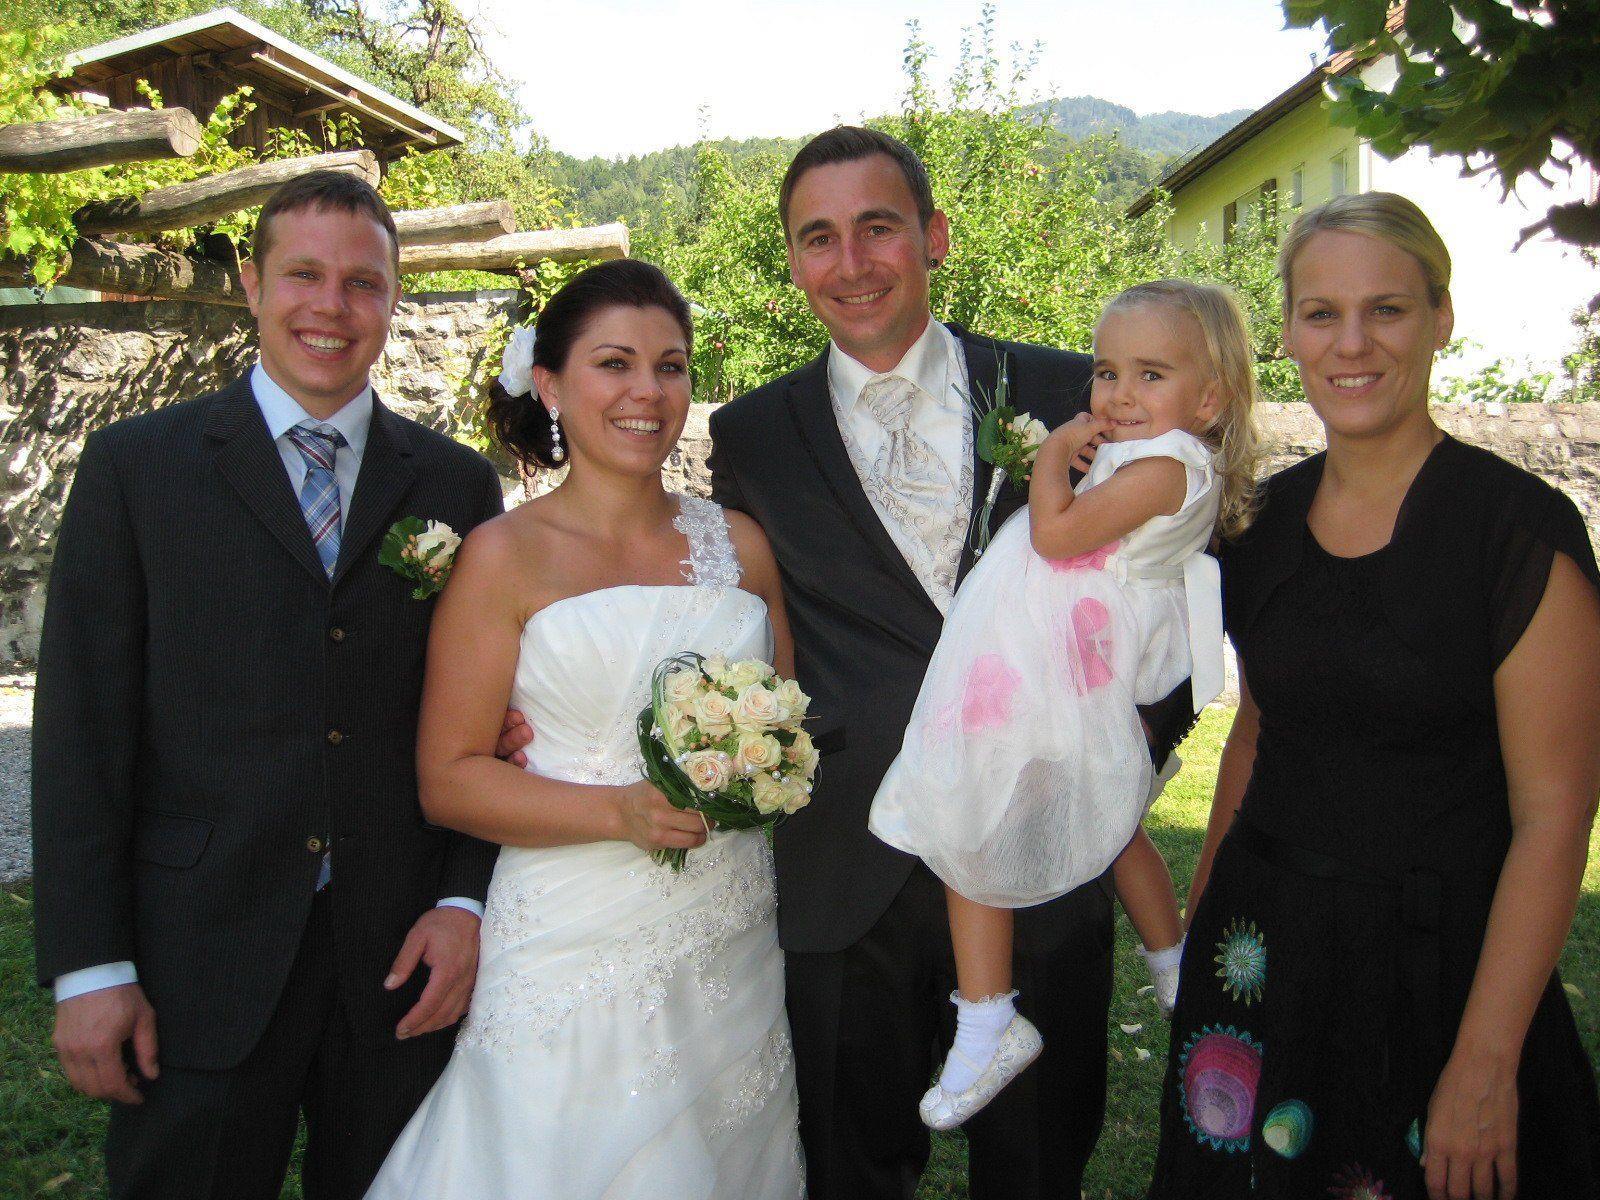 Claudia Allgäuer und Mario Ebenhoch haben geheiratet.